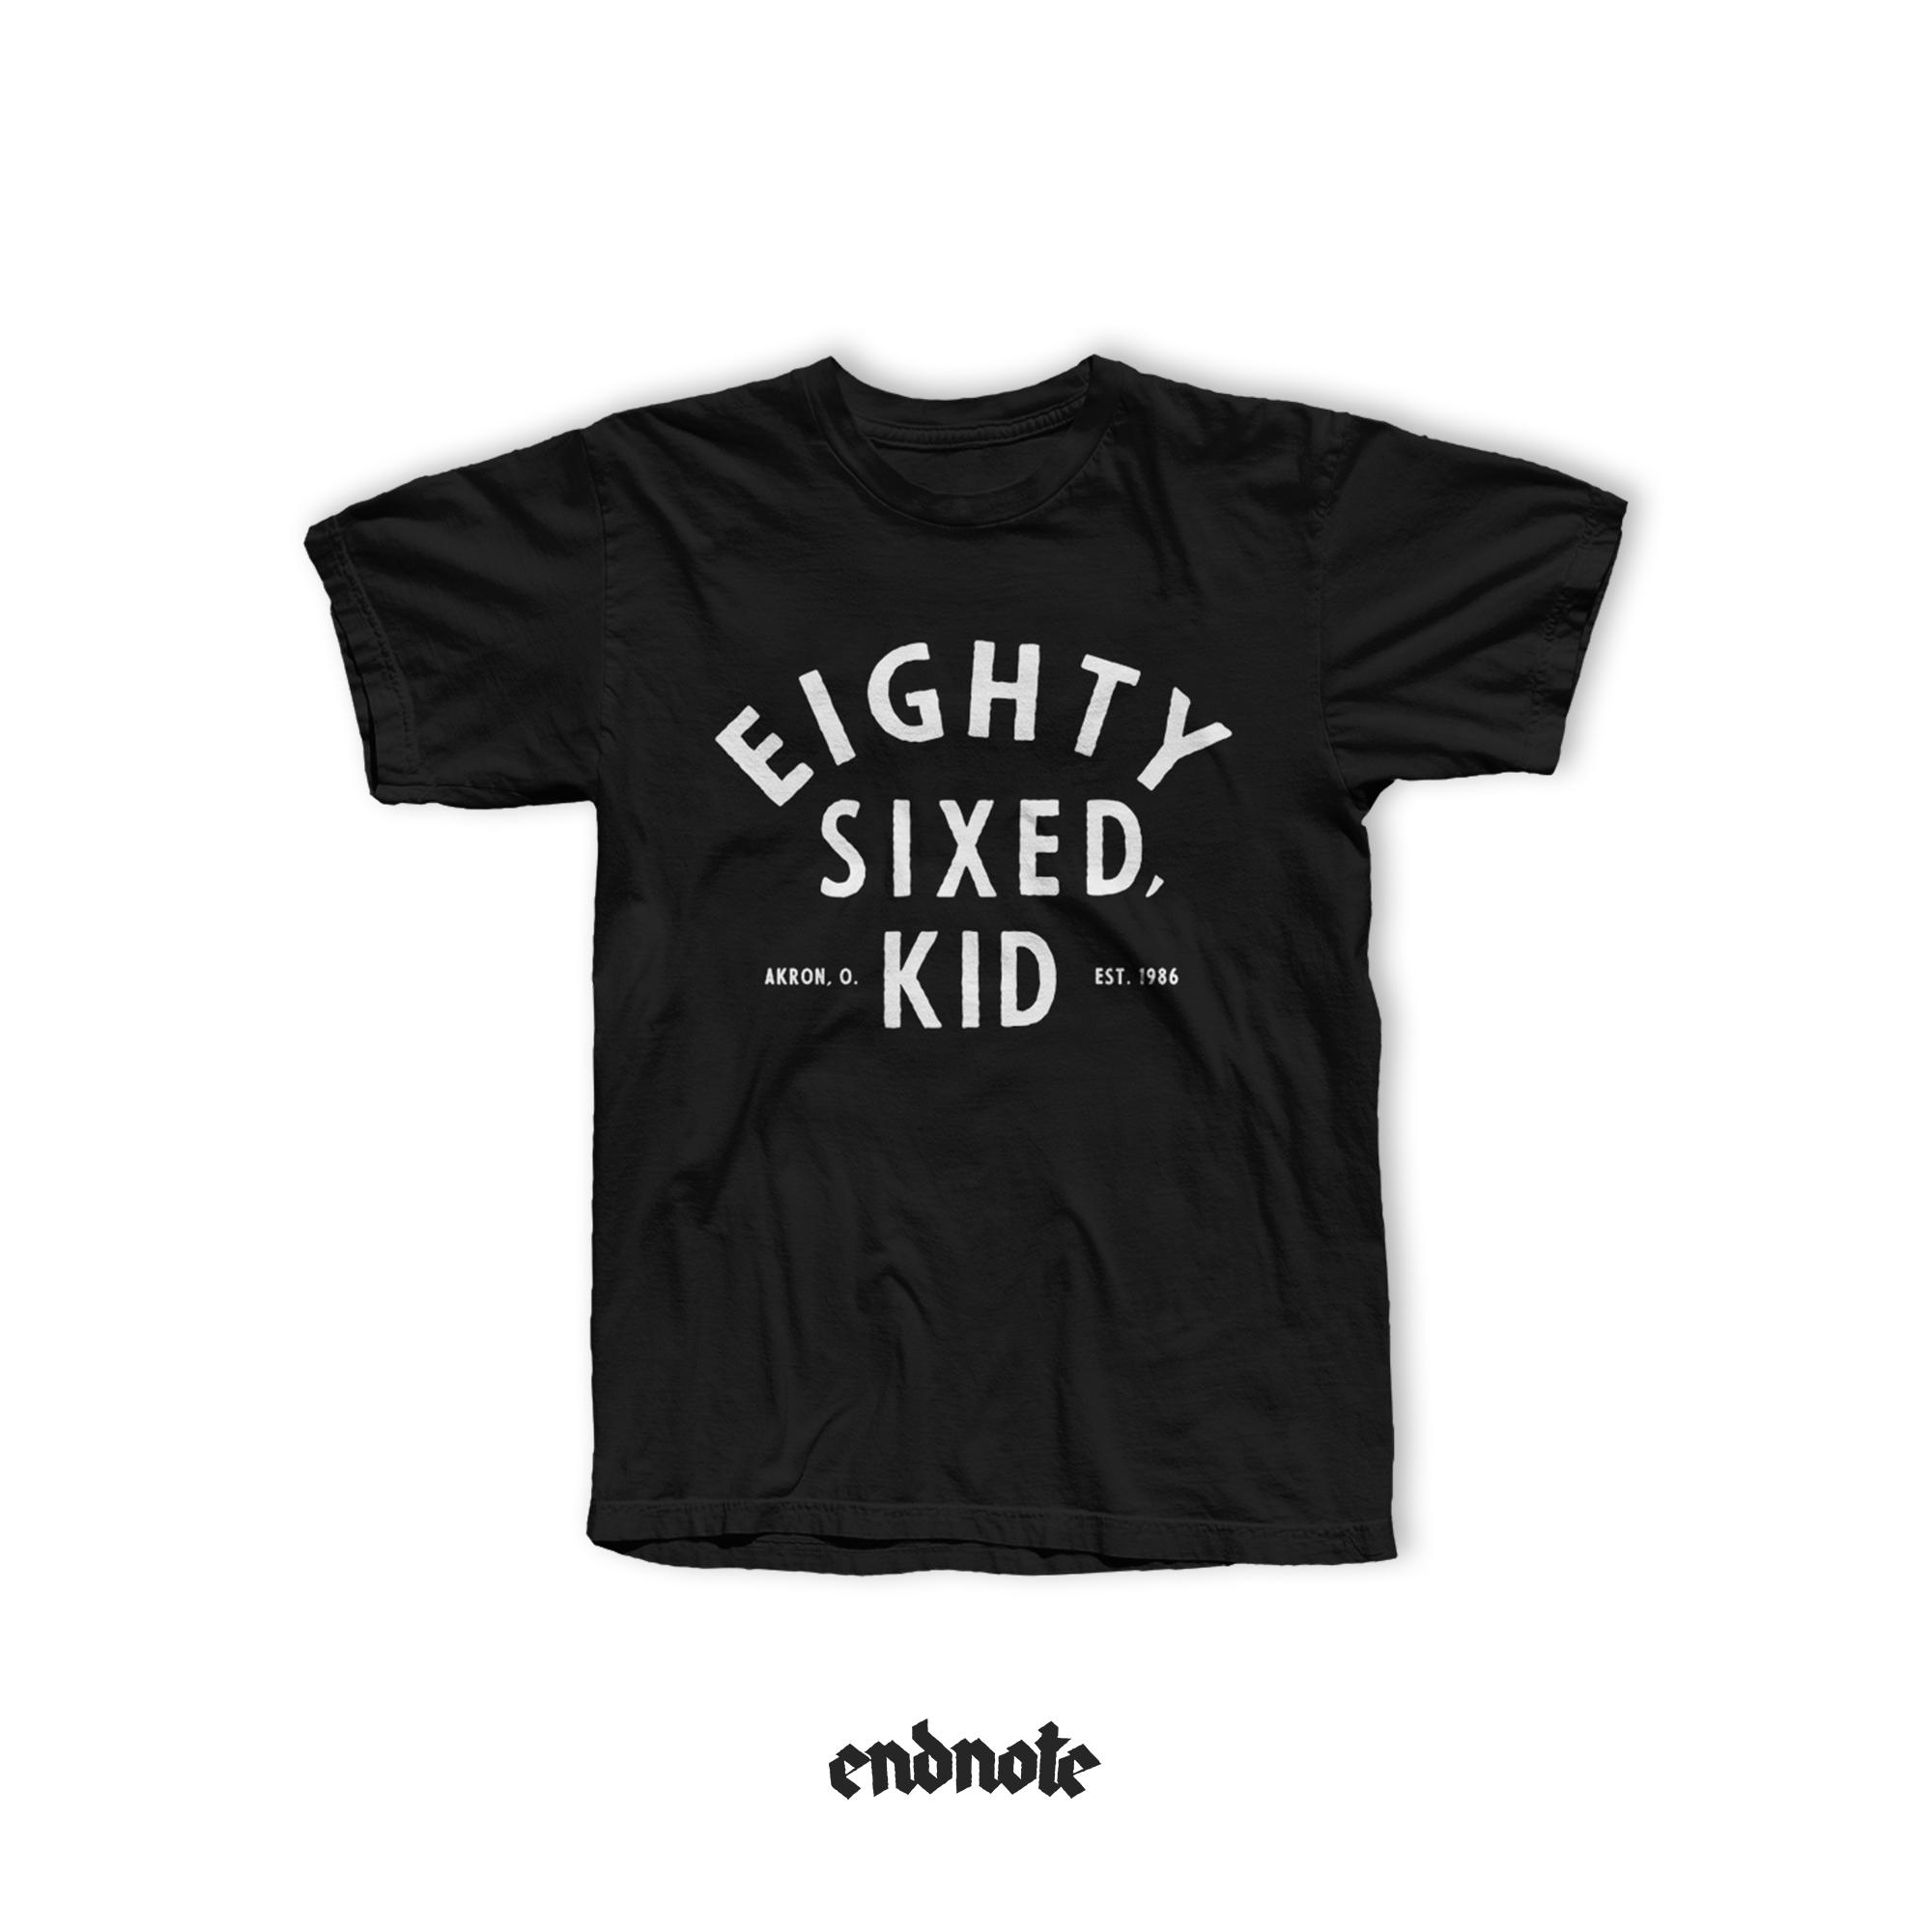 Eighty-Sixed, Kid - Logo Tee